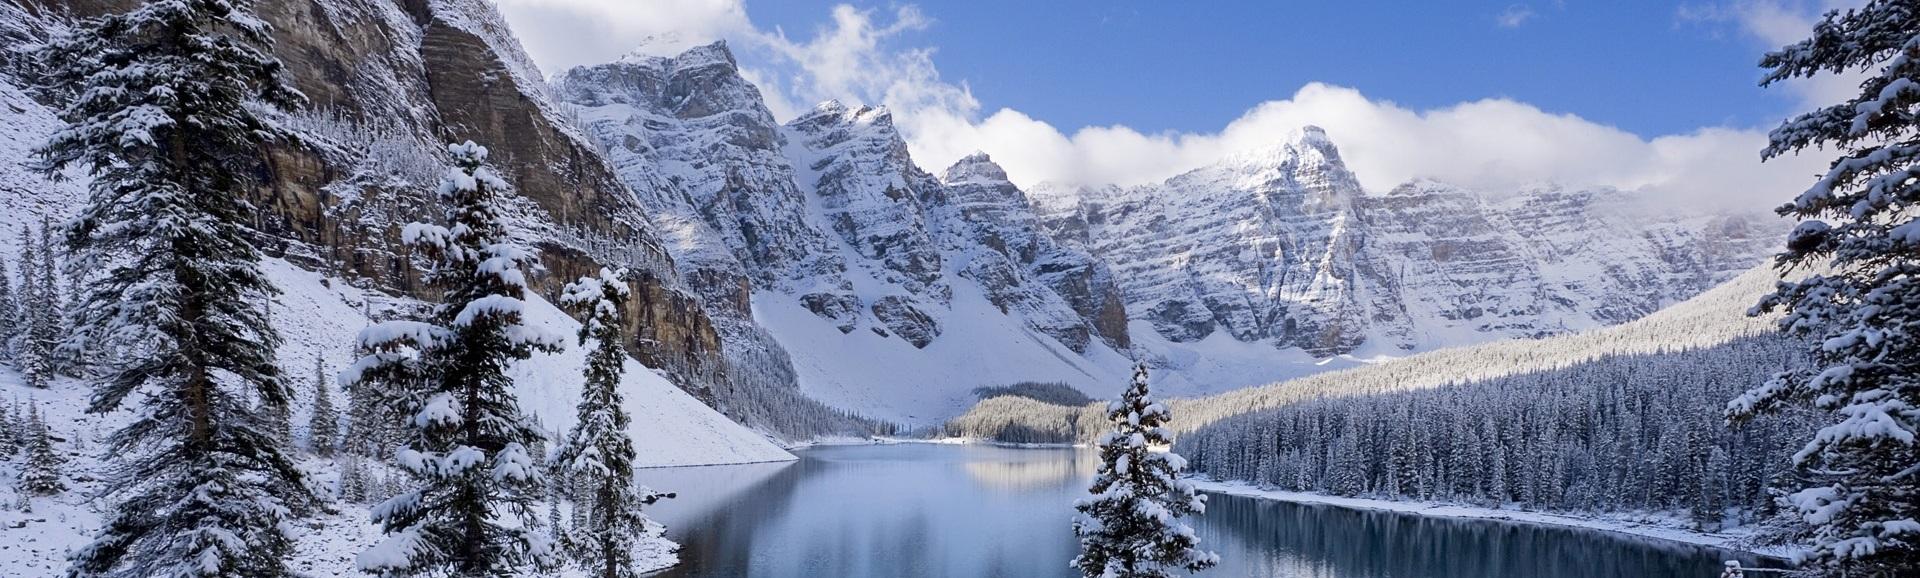 Meer dan 40 nationale natuurparken. In Canadese Rockies liggen ook 4 skigebieden: Mt. Norquay, Sunshine Village, Lake Louise & Marmot Basin.